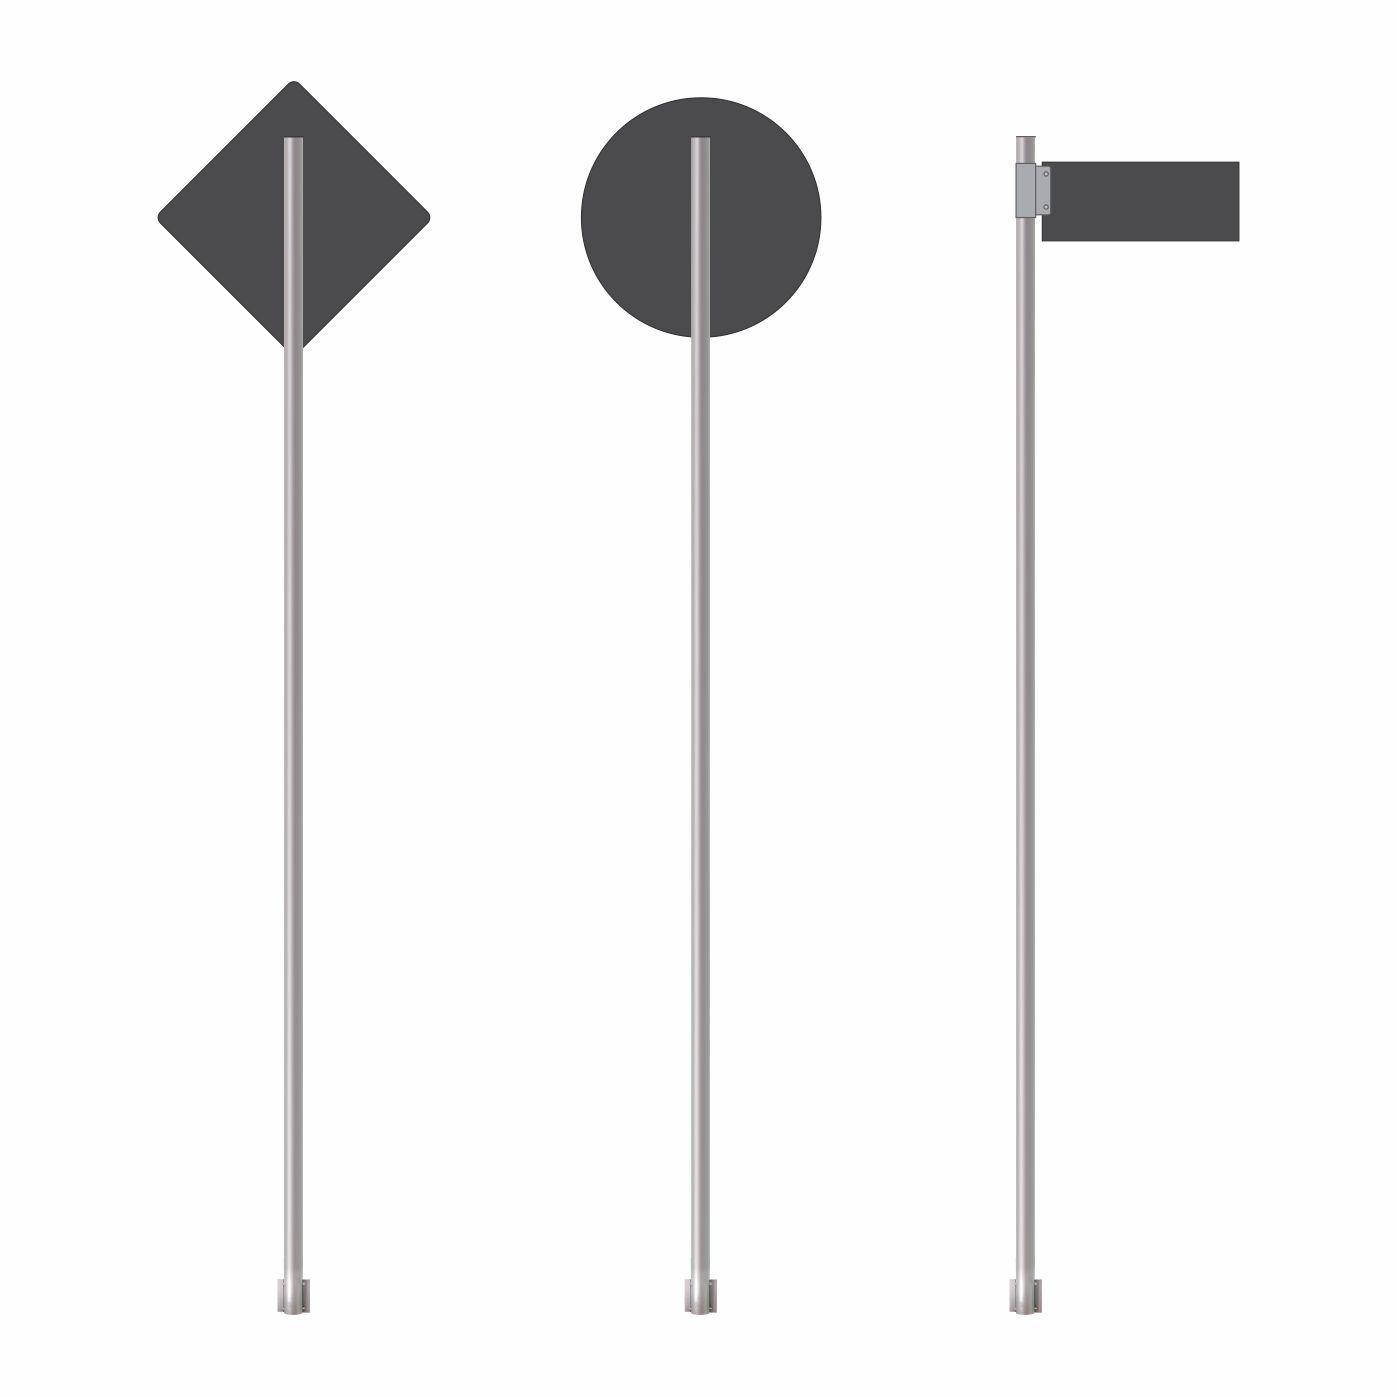 Poste de sinalização  - Towbar Sinalização de Segurança